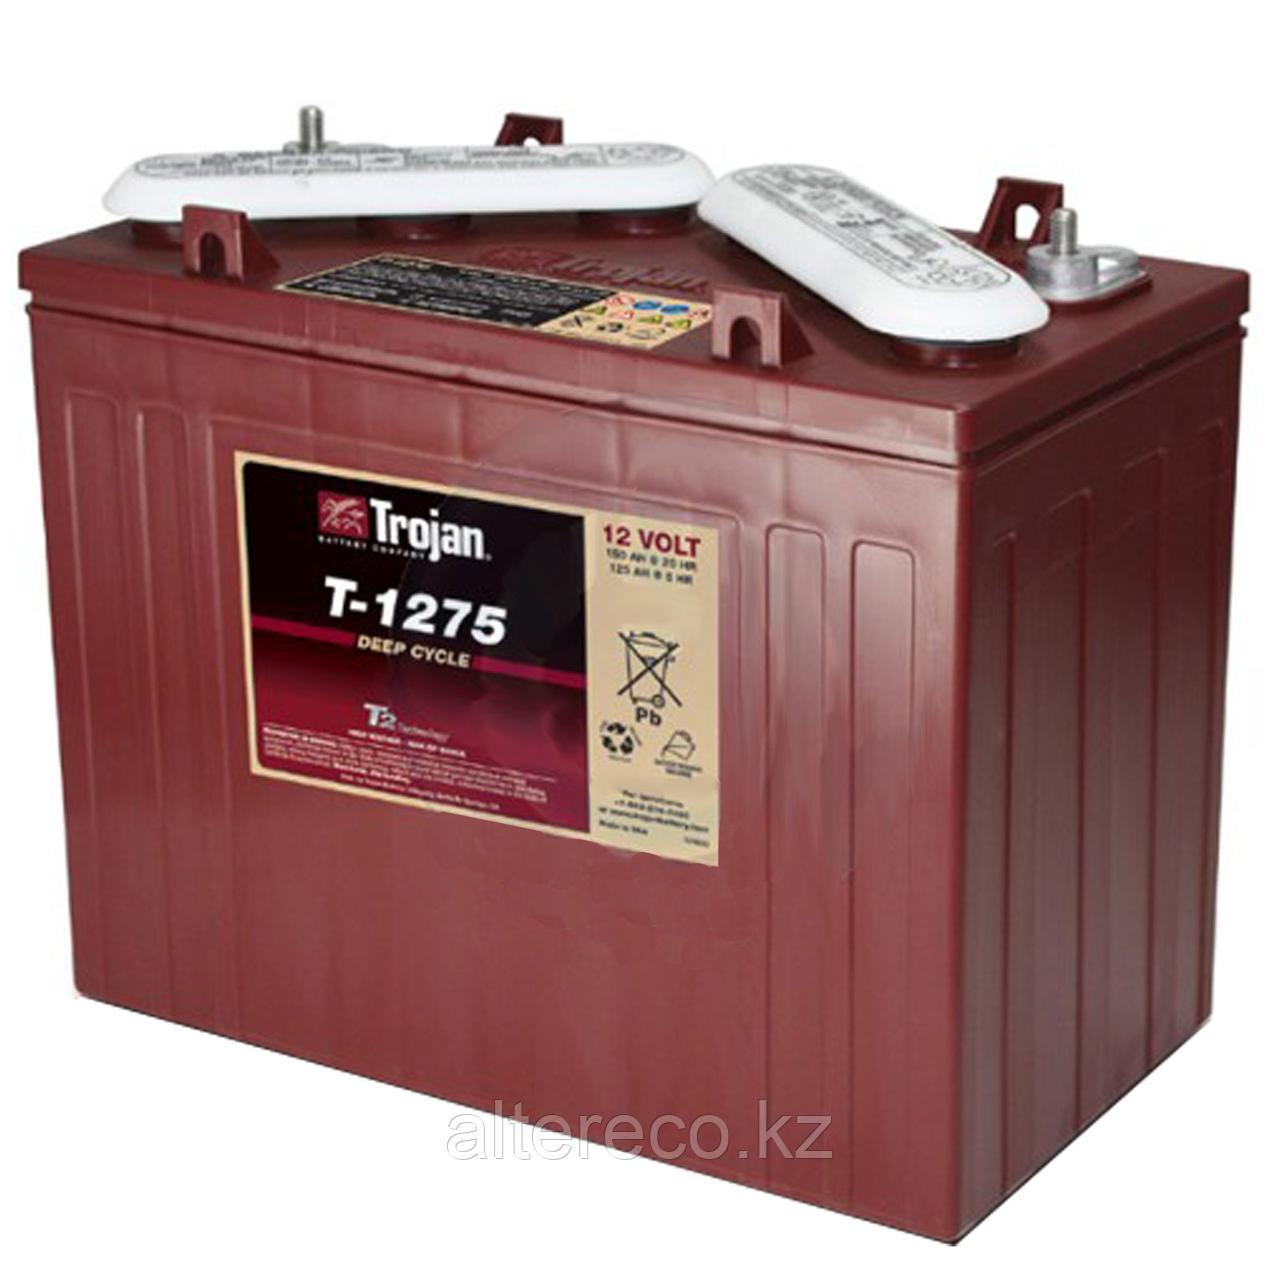 Аккумулятор Trojan T-1275+ (12В, 150Ач)